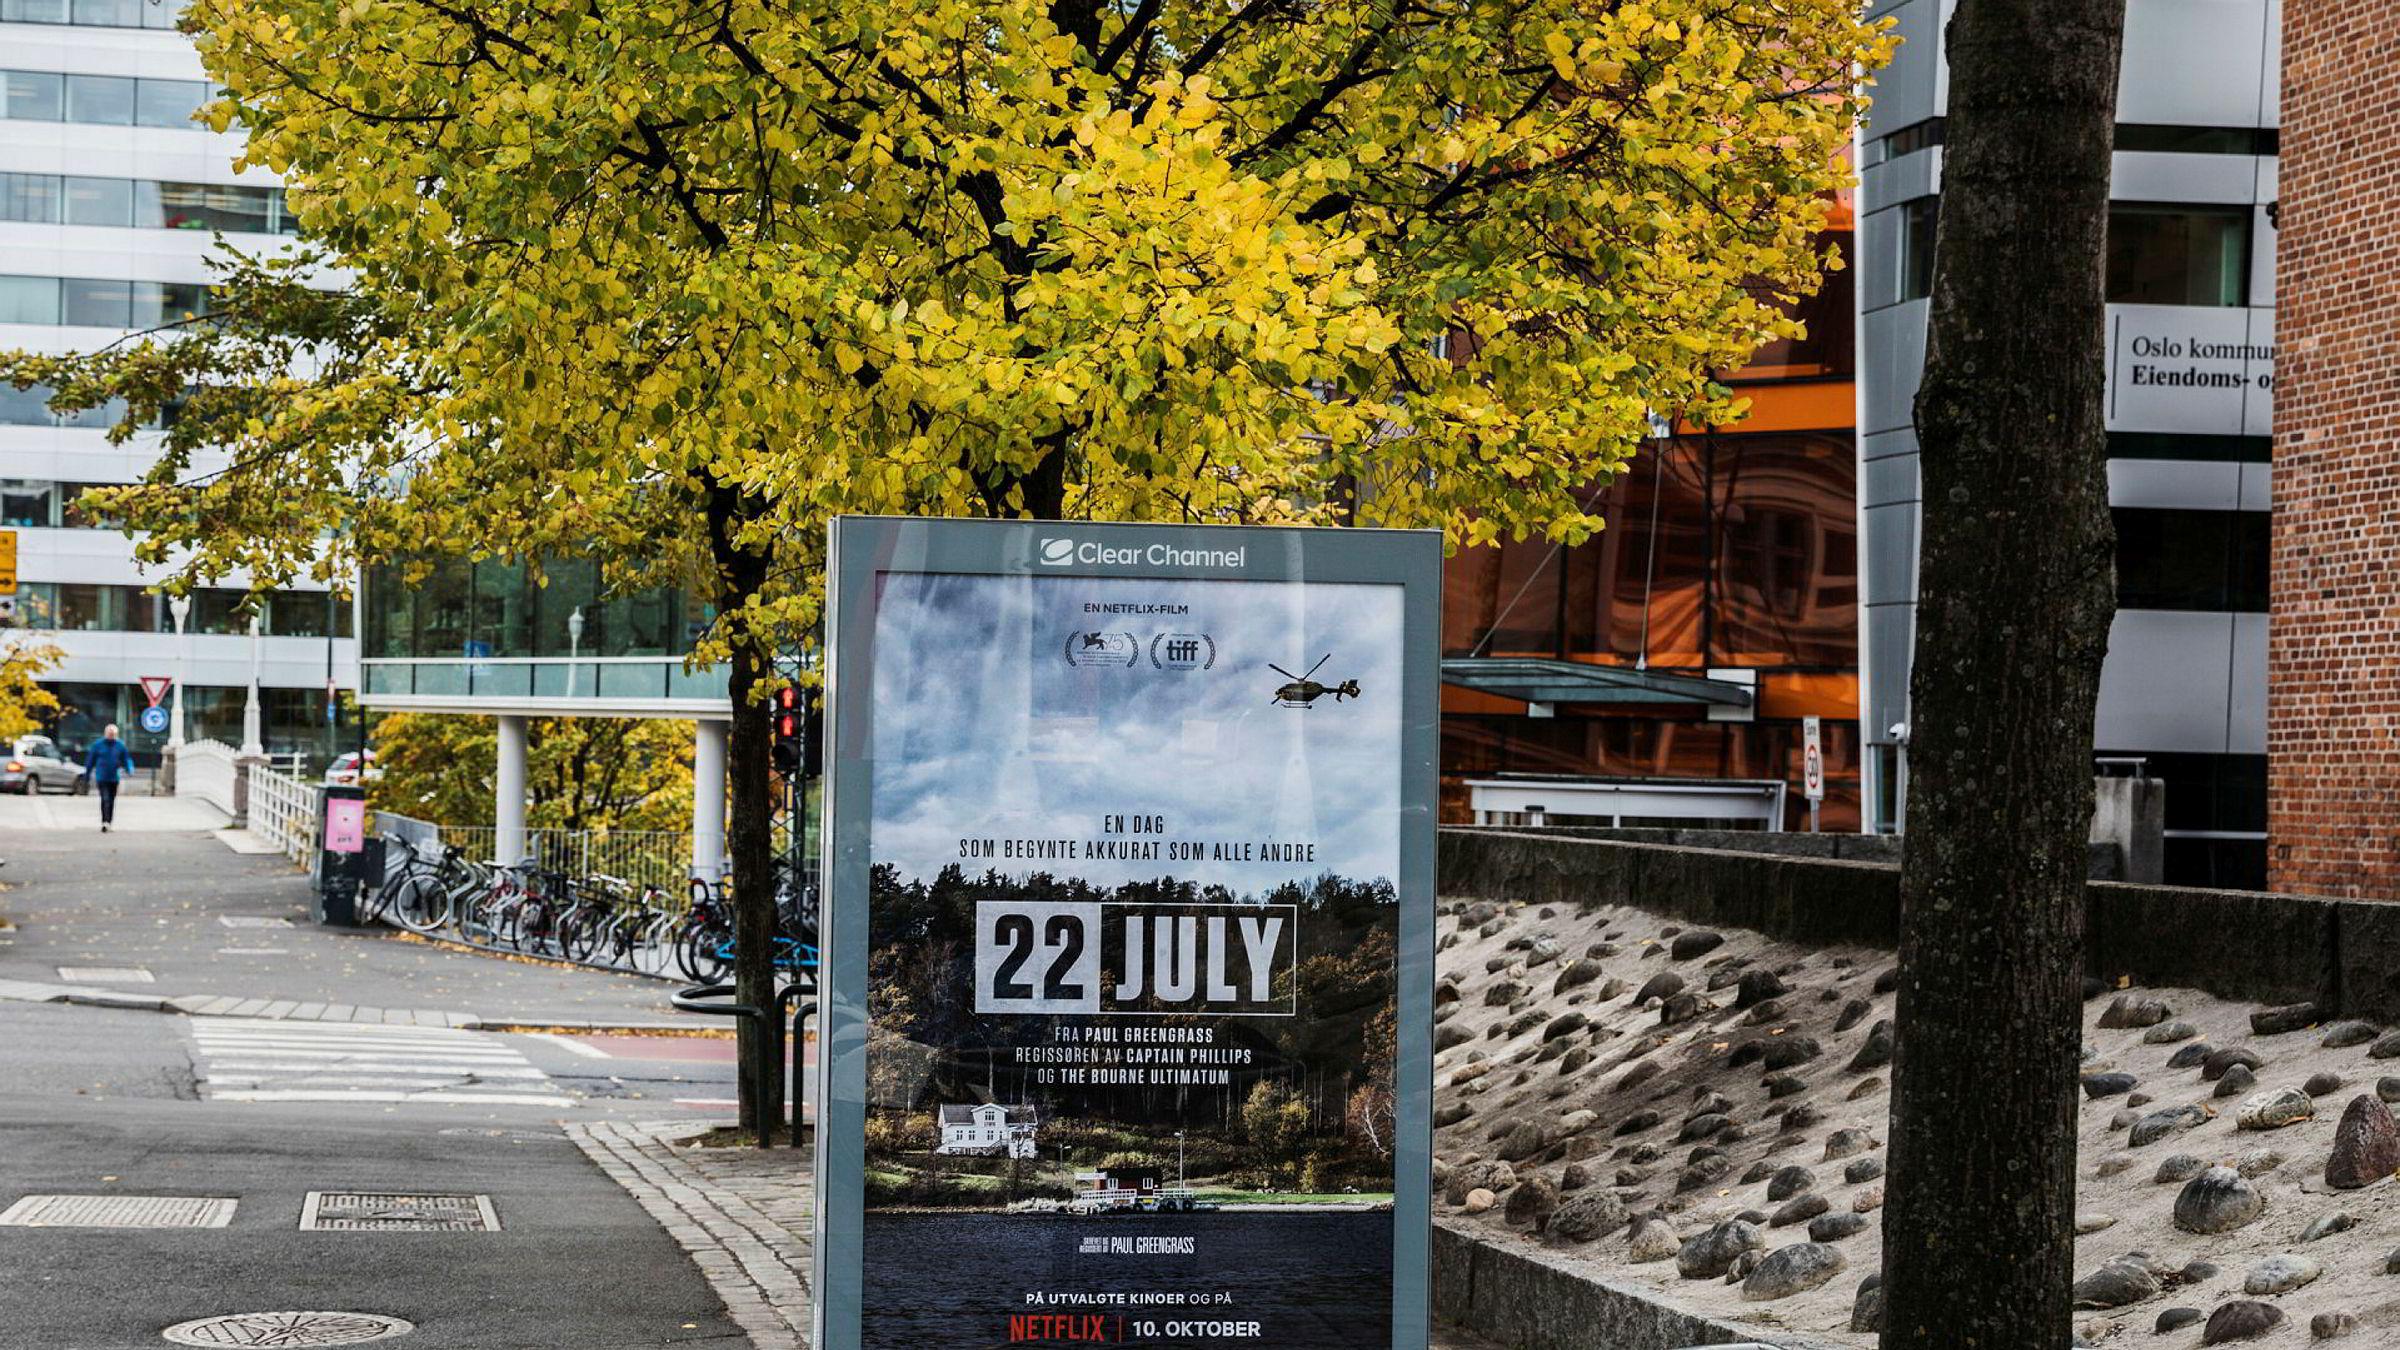 Netflix bruker boards i Oslo til å reklamere for filmen om 22. juli.